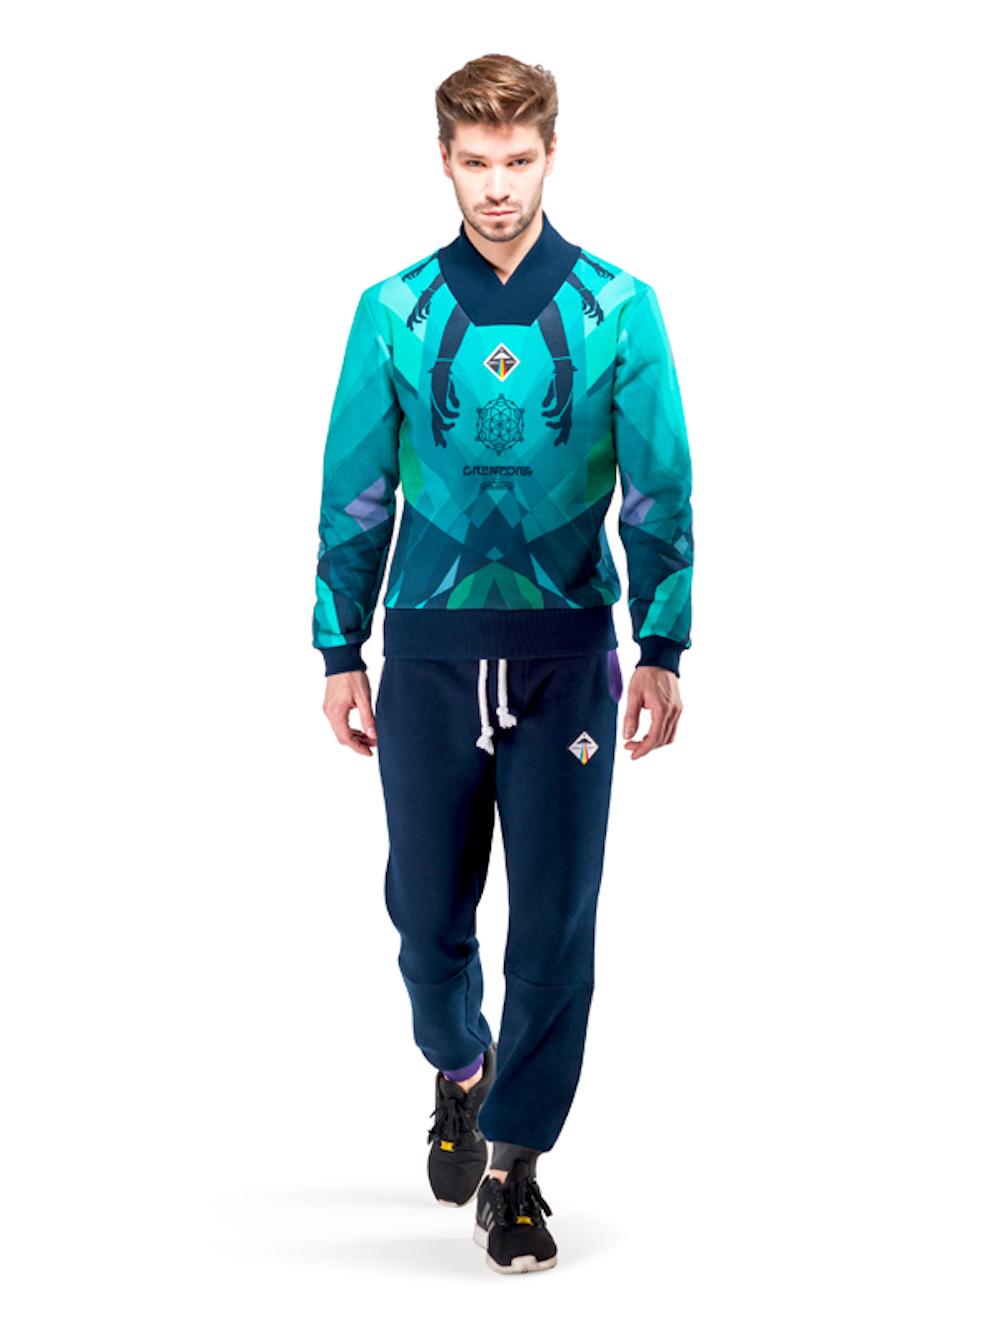 Uranus Cardigan (Turquoise) - Okuaku